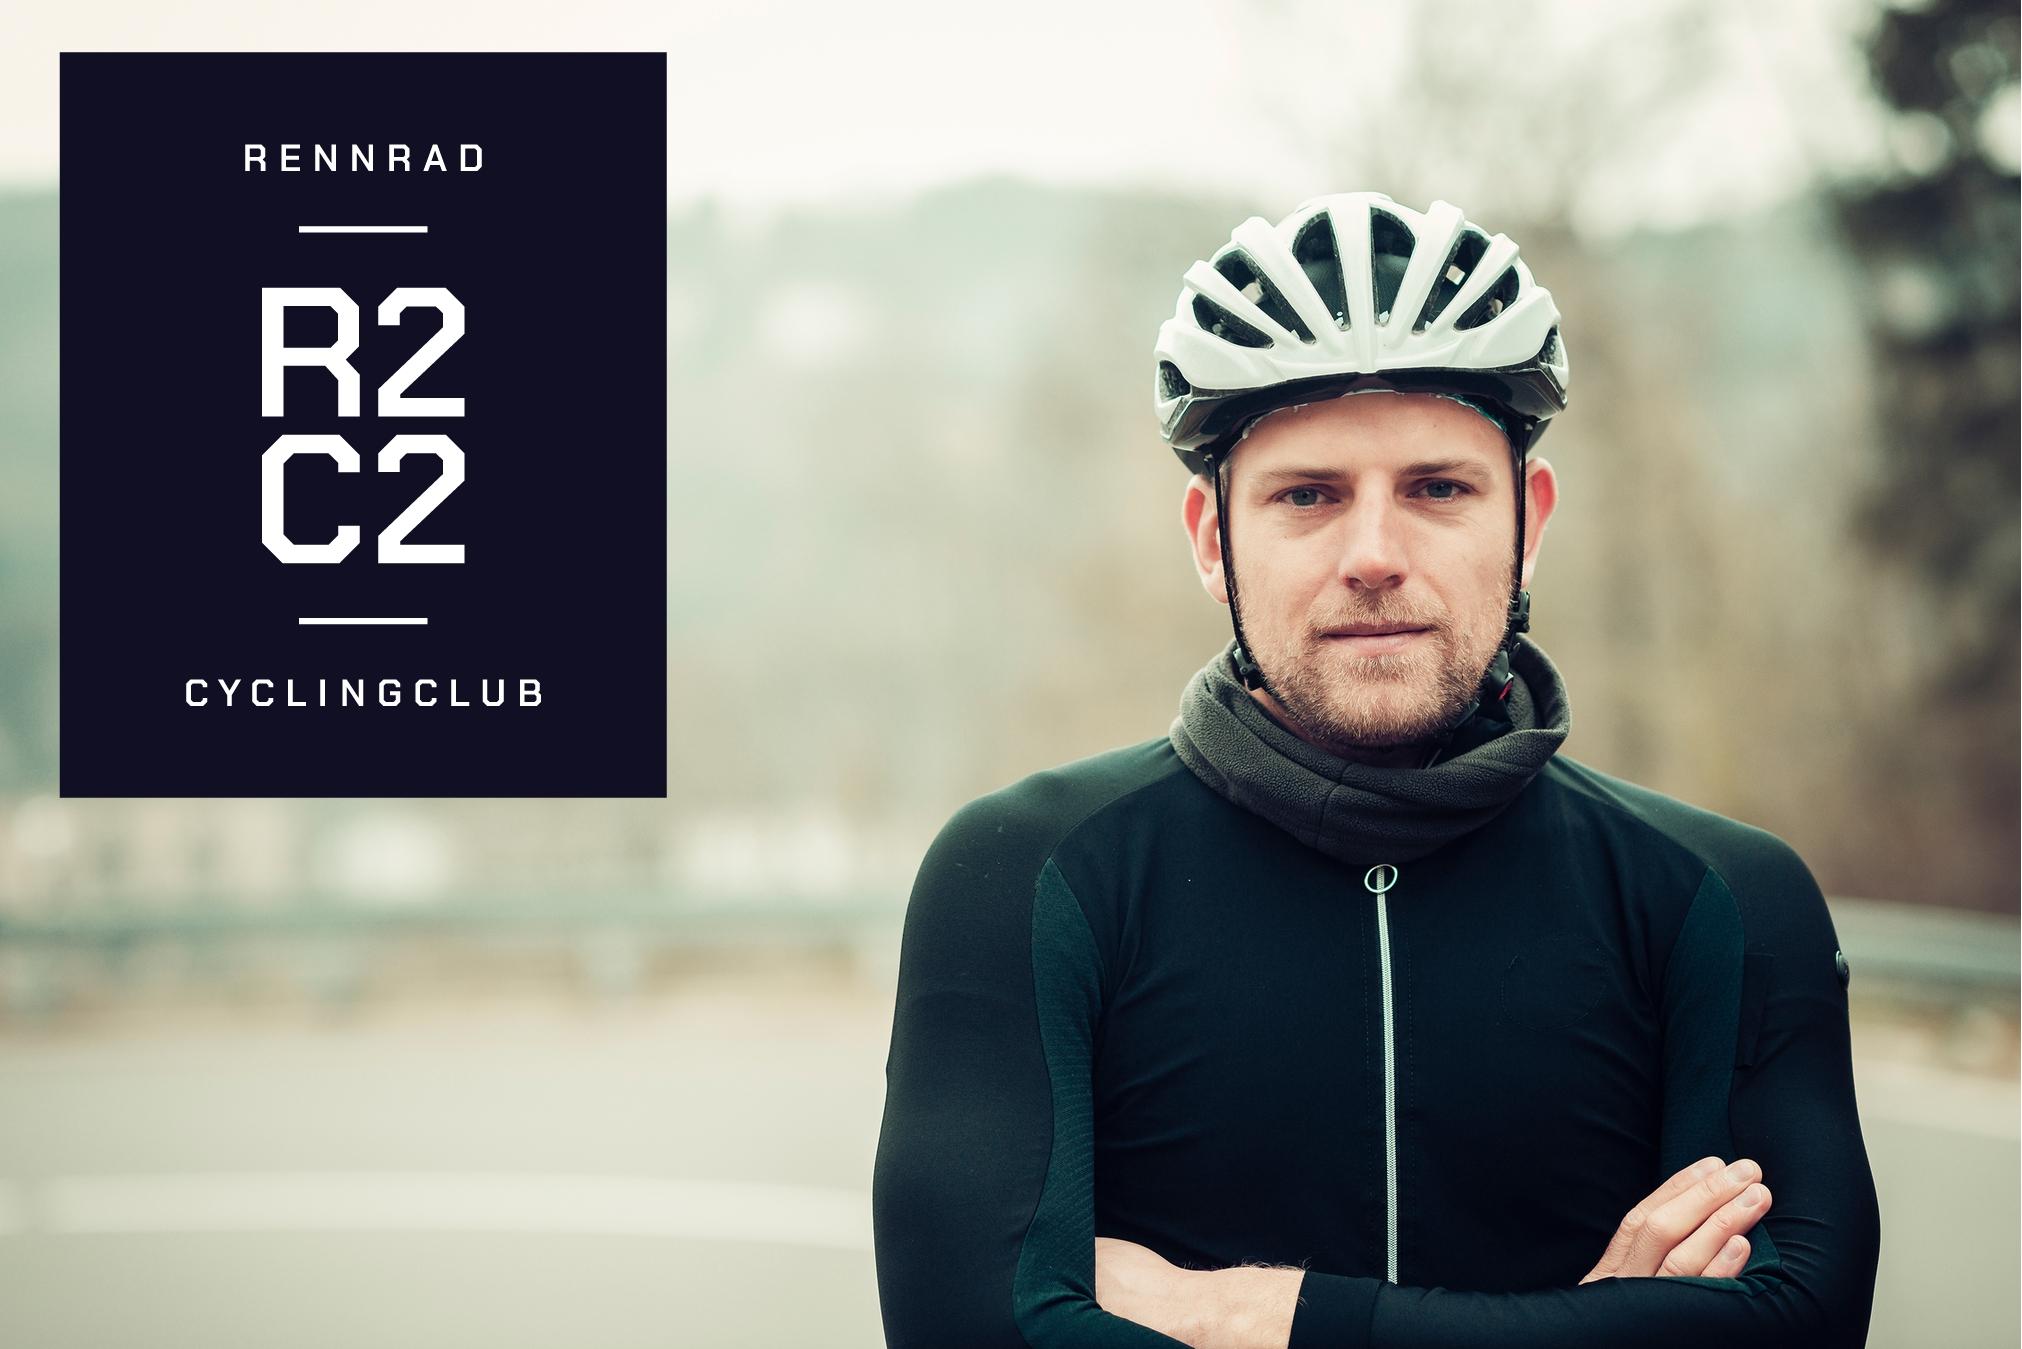 RennRad Cycling Club, R2C2